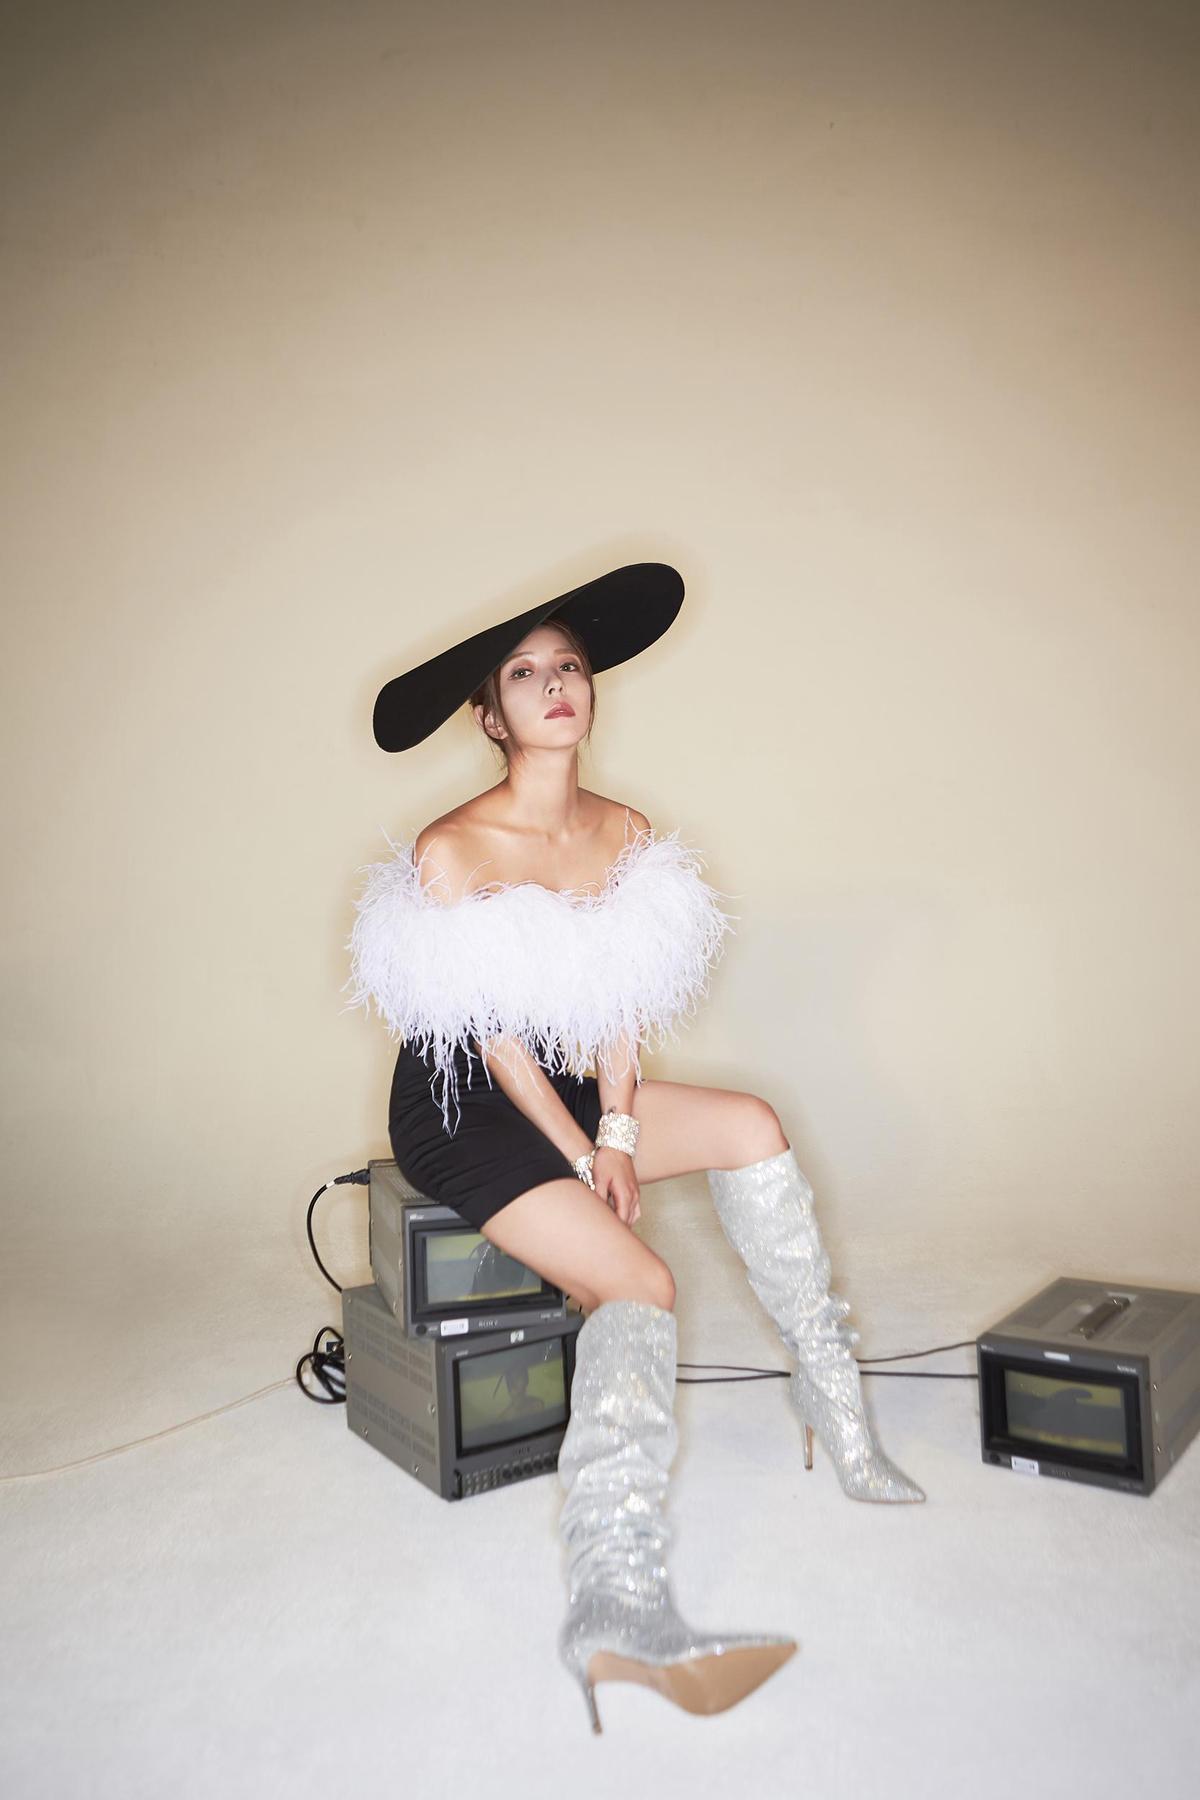 韓國天后BoA寶兒出道18年、第9張新專輯《WOMAN》展現女子力。(avex taiwan提供)